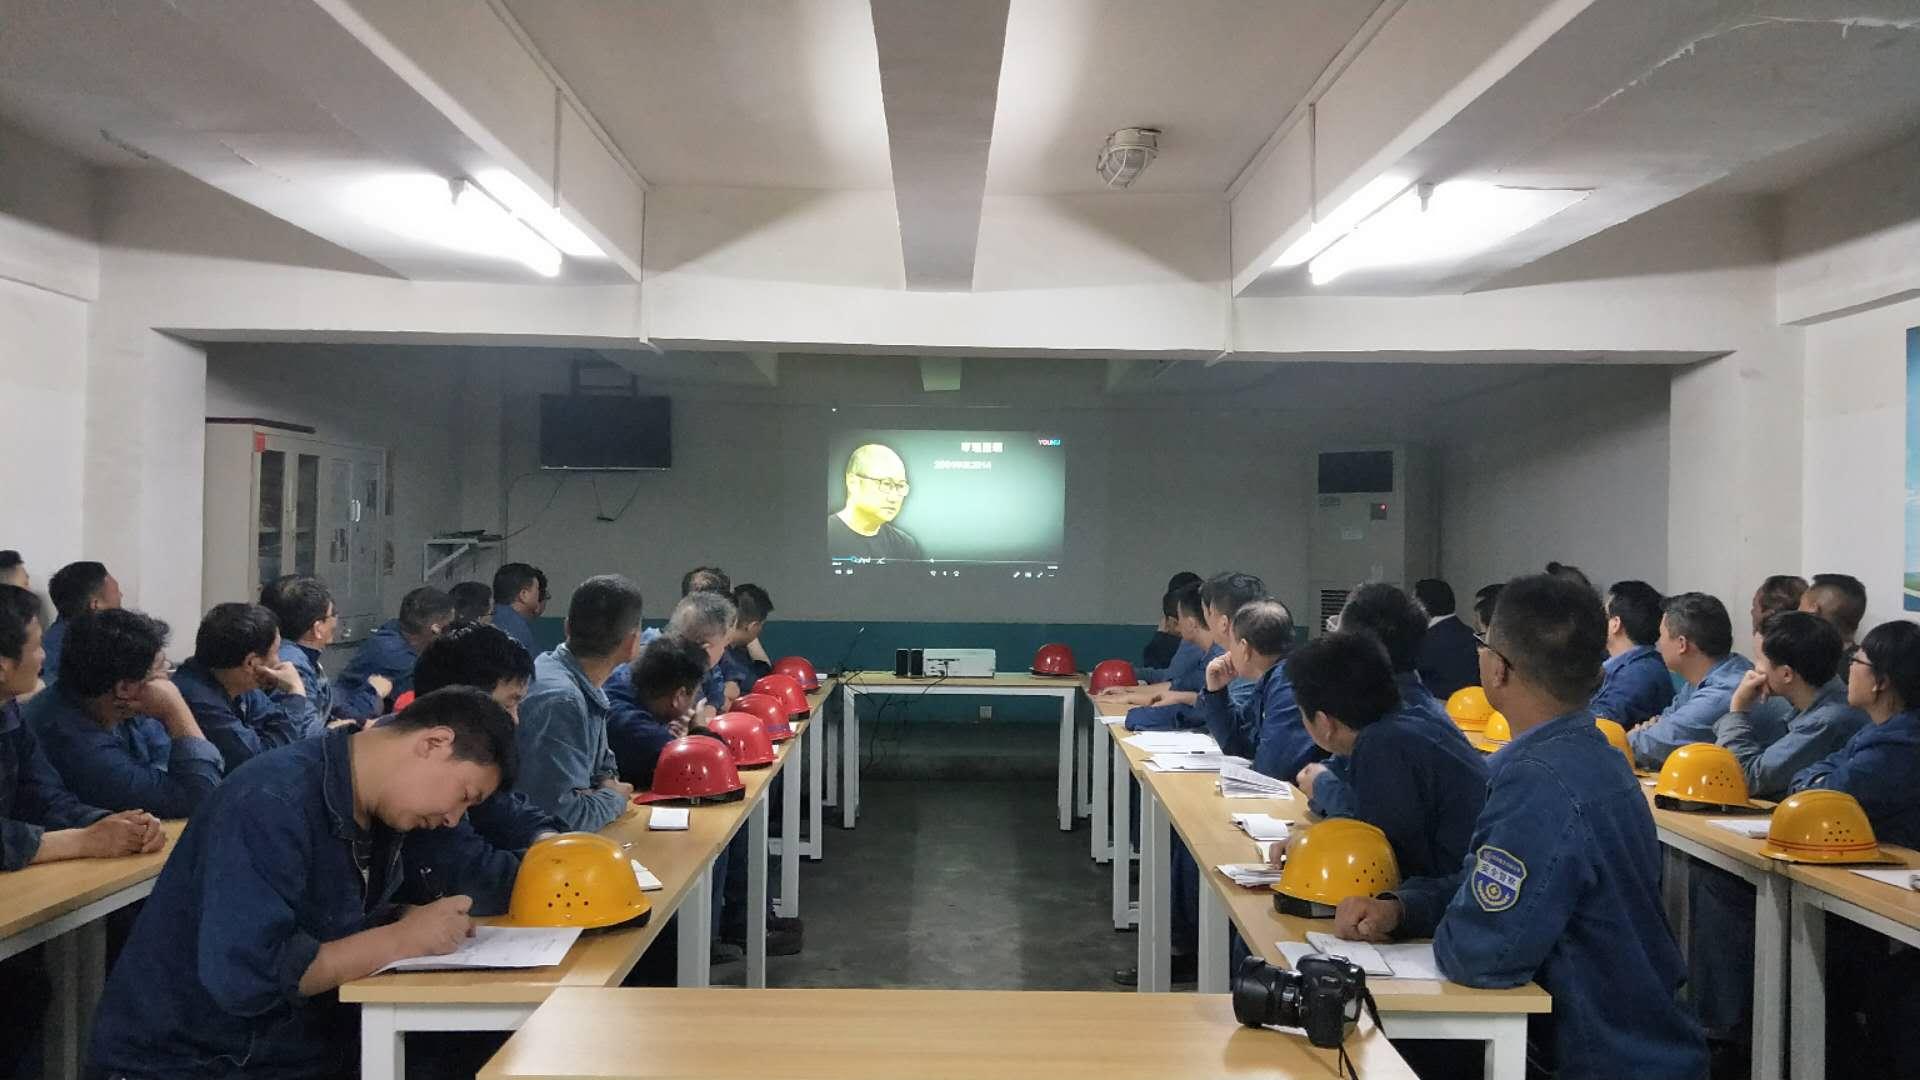 【基层动态】炼钢厂党委召开违纪违法案例警示教育大会